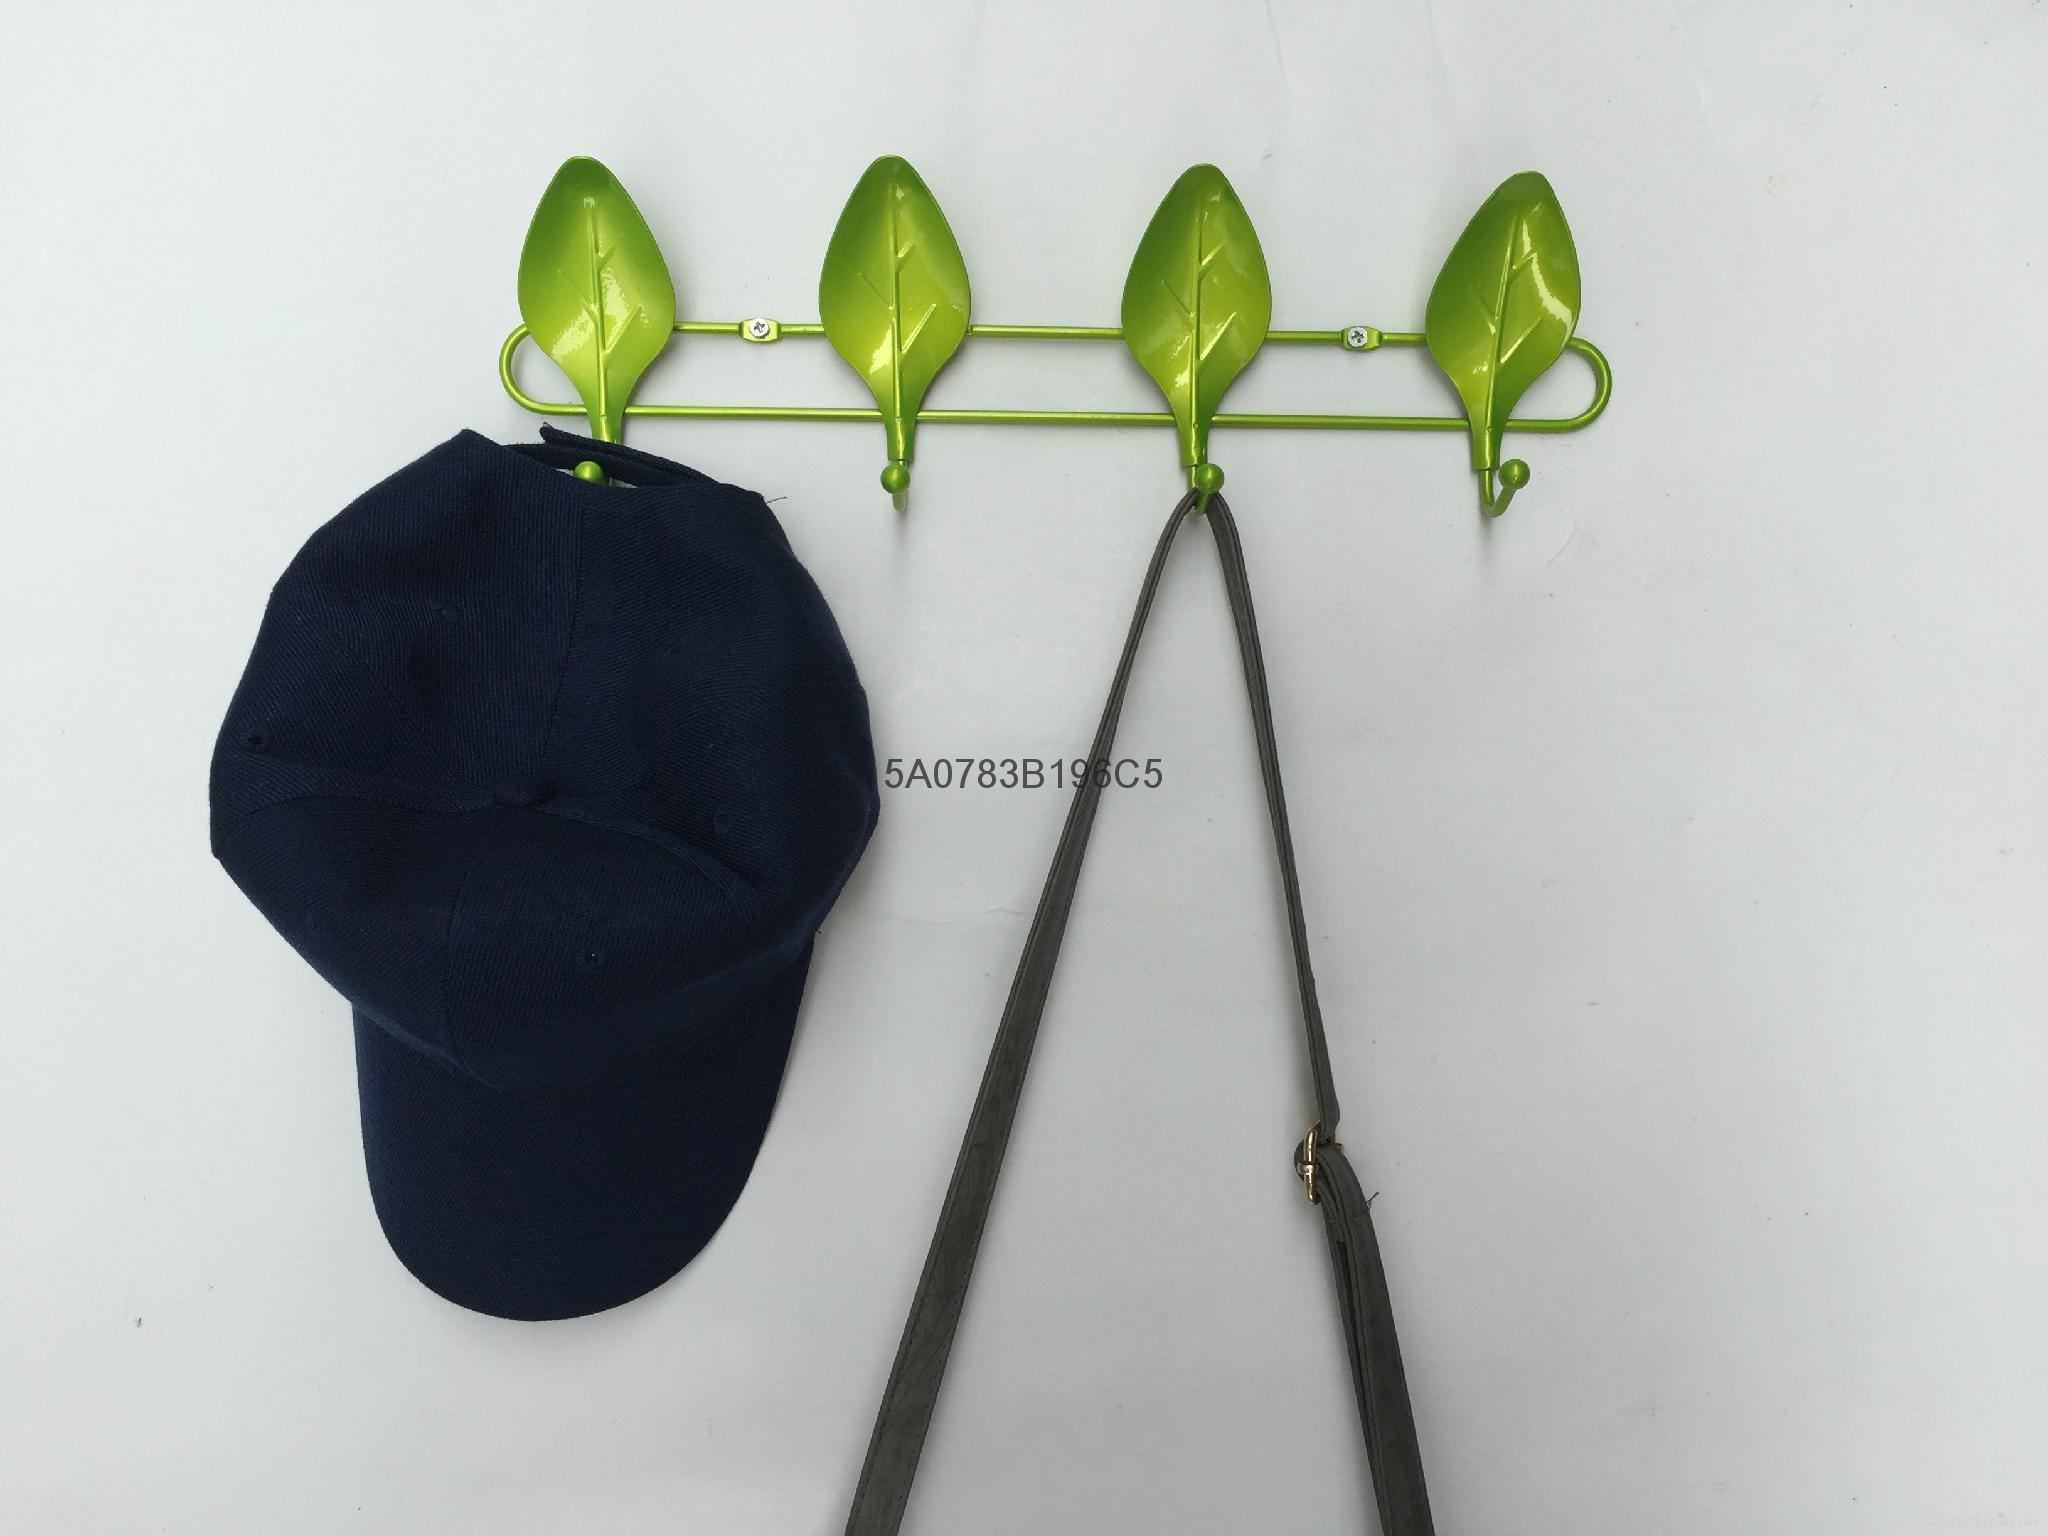 纳米门后钩时尚多色简易钩收纳树叶的纳米衣钩6个挂钩图片